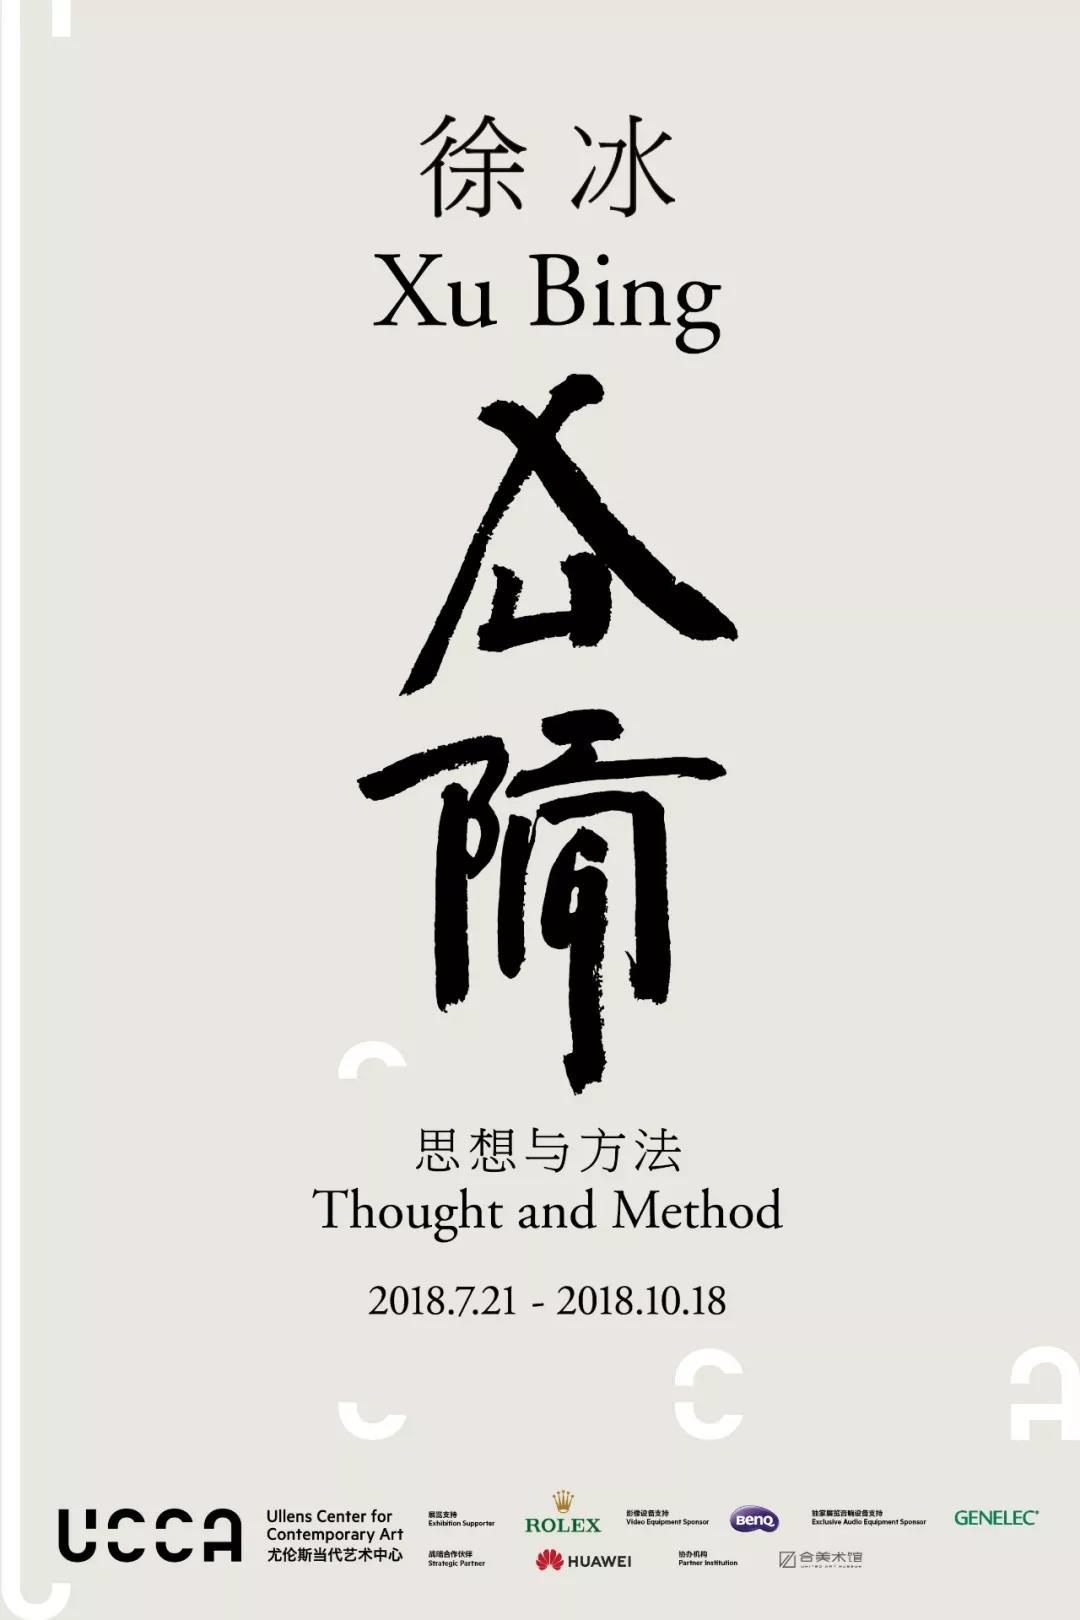 《徐冰:思想與方法》:超越文化界限的藝術光影照明第15張